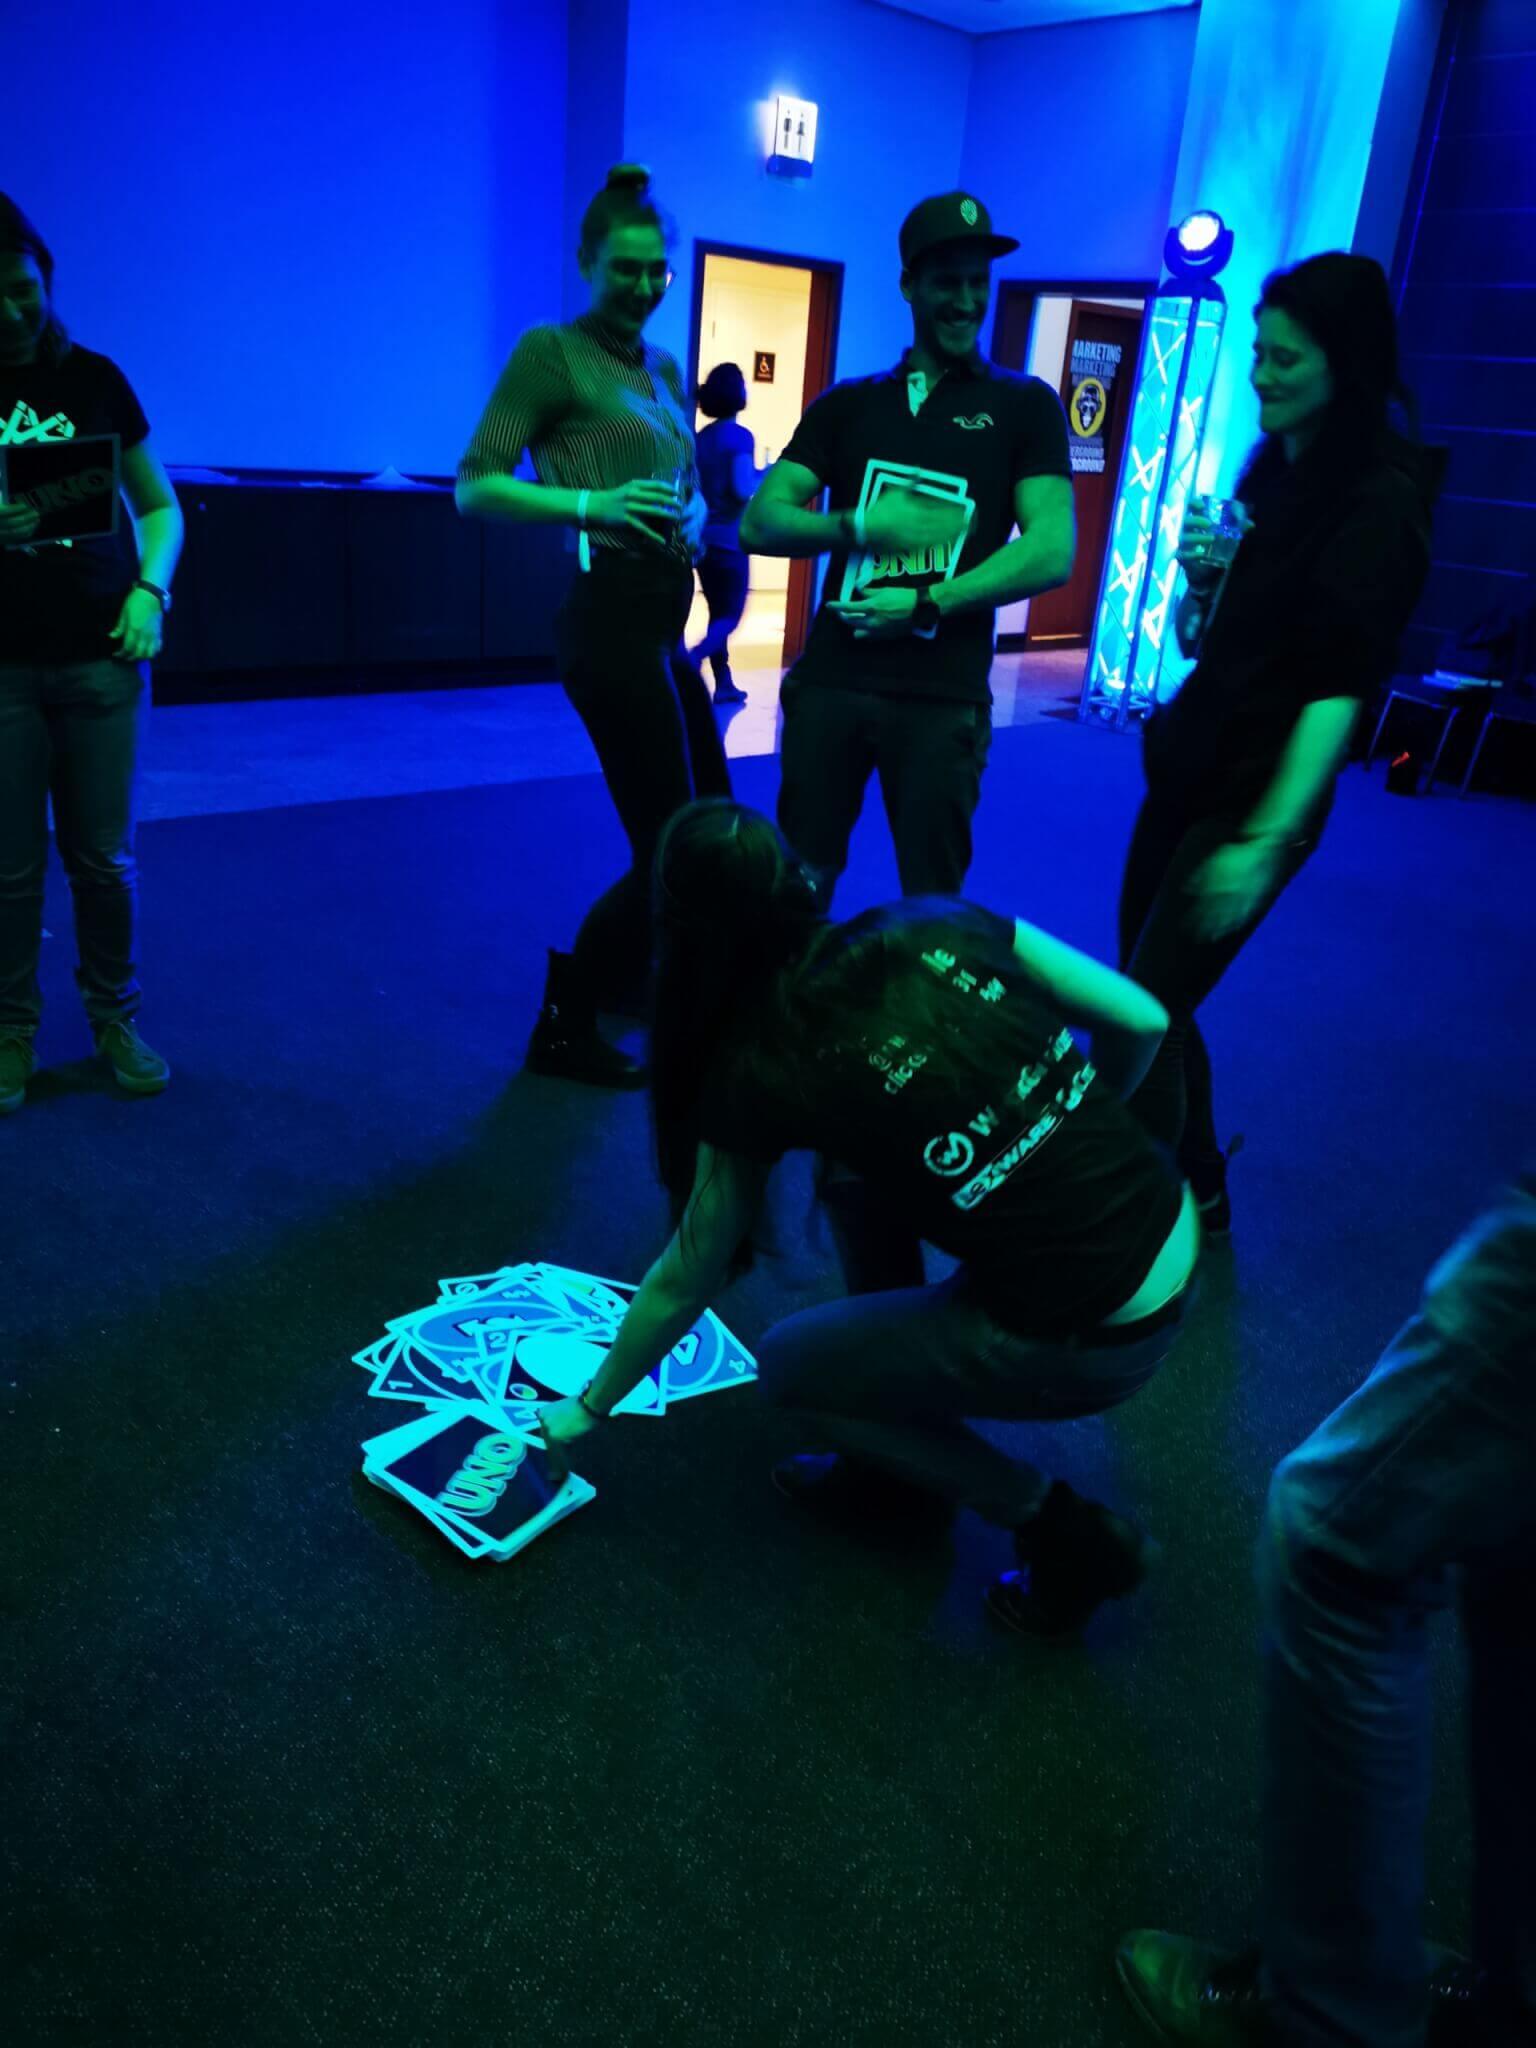 Partystimmung beim Riesen Uno Spiel